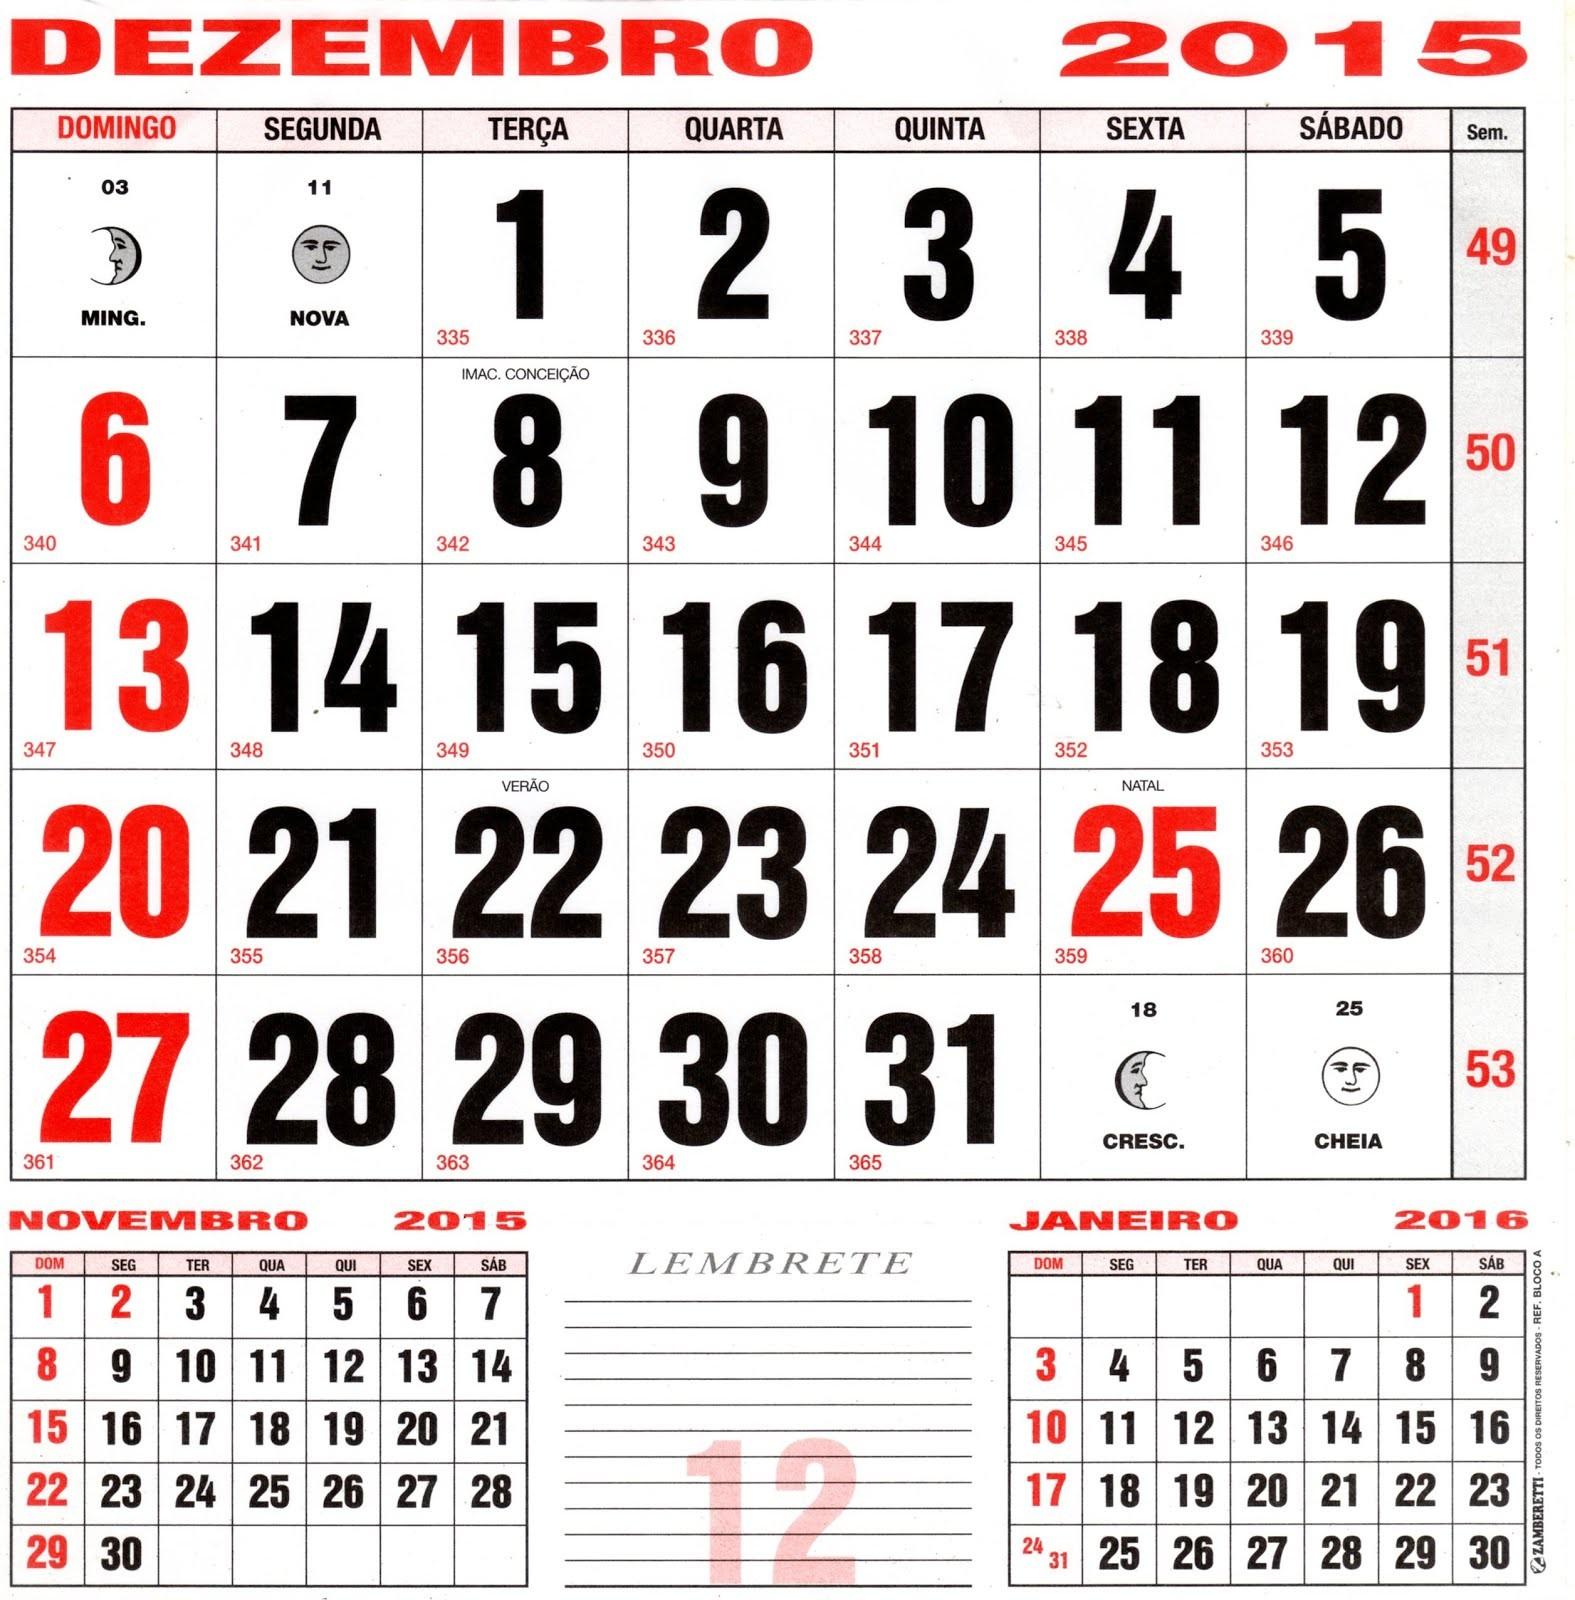 Calendário 2019 Com Feriados Sp Recientes 93 2 Dezembro Dezembro Imagem 2 Revista Ser Educacional Lei N Of Calendário 2019 Com Feriados Sp Más Populares 93 2 Dezembro Dezembro Imagem 2 Revista Ser Educacional Lei N